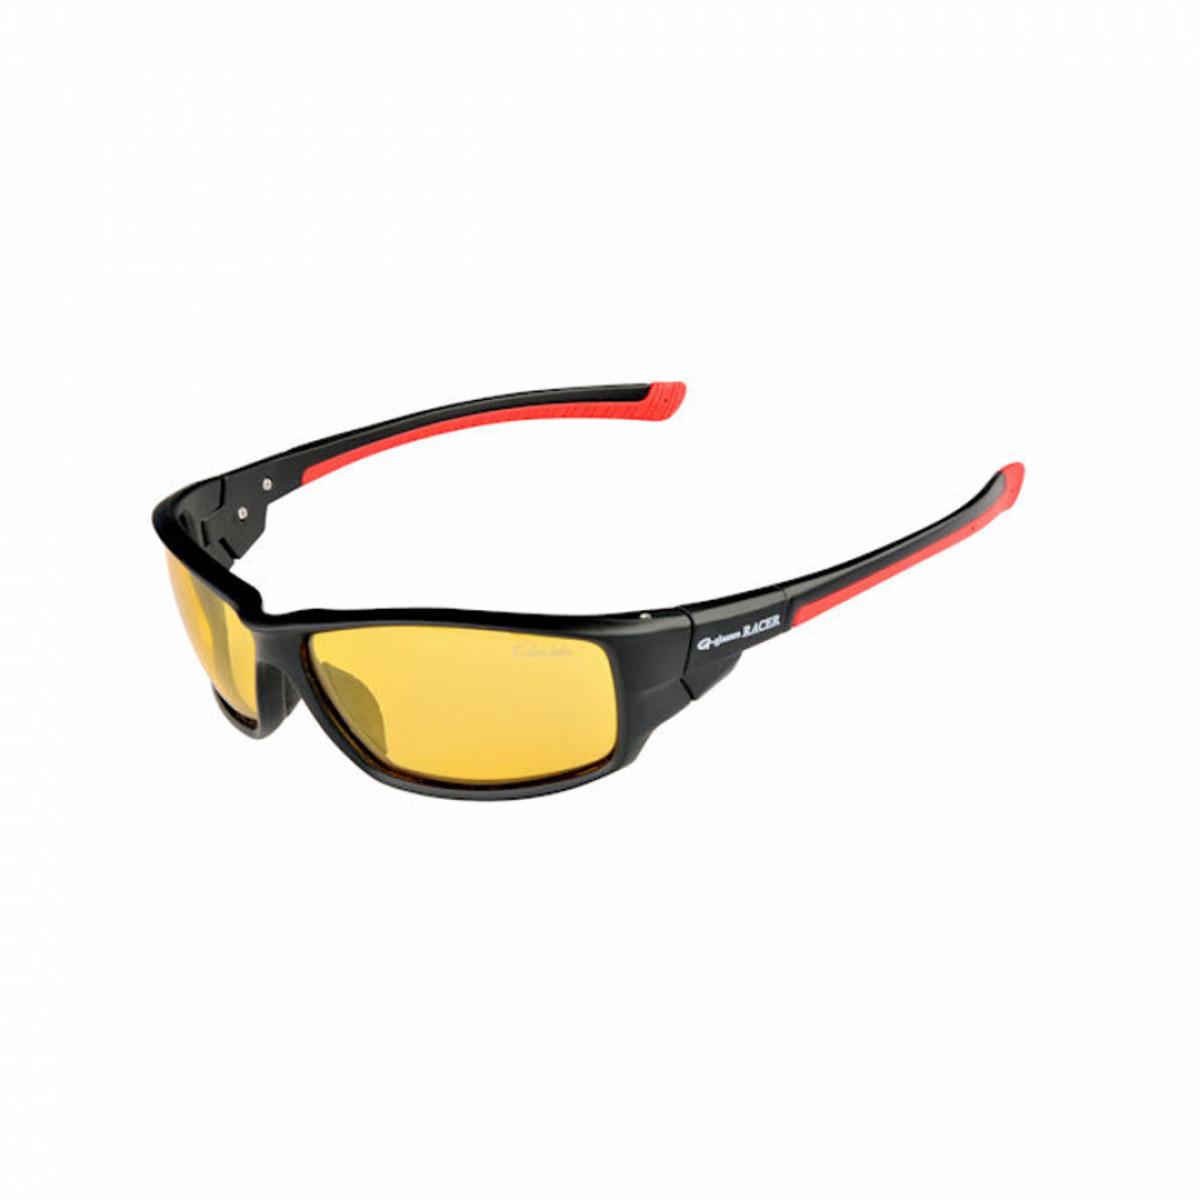 occhiali Gamakatsu Racer